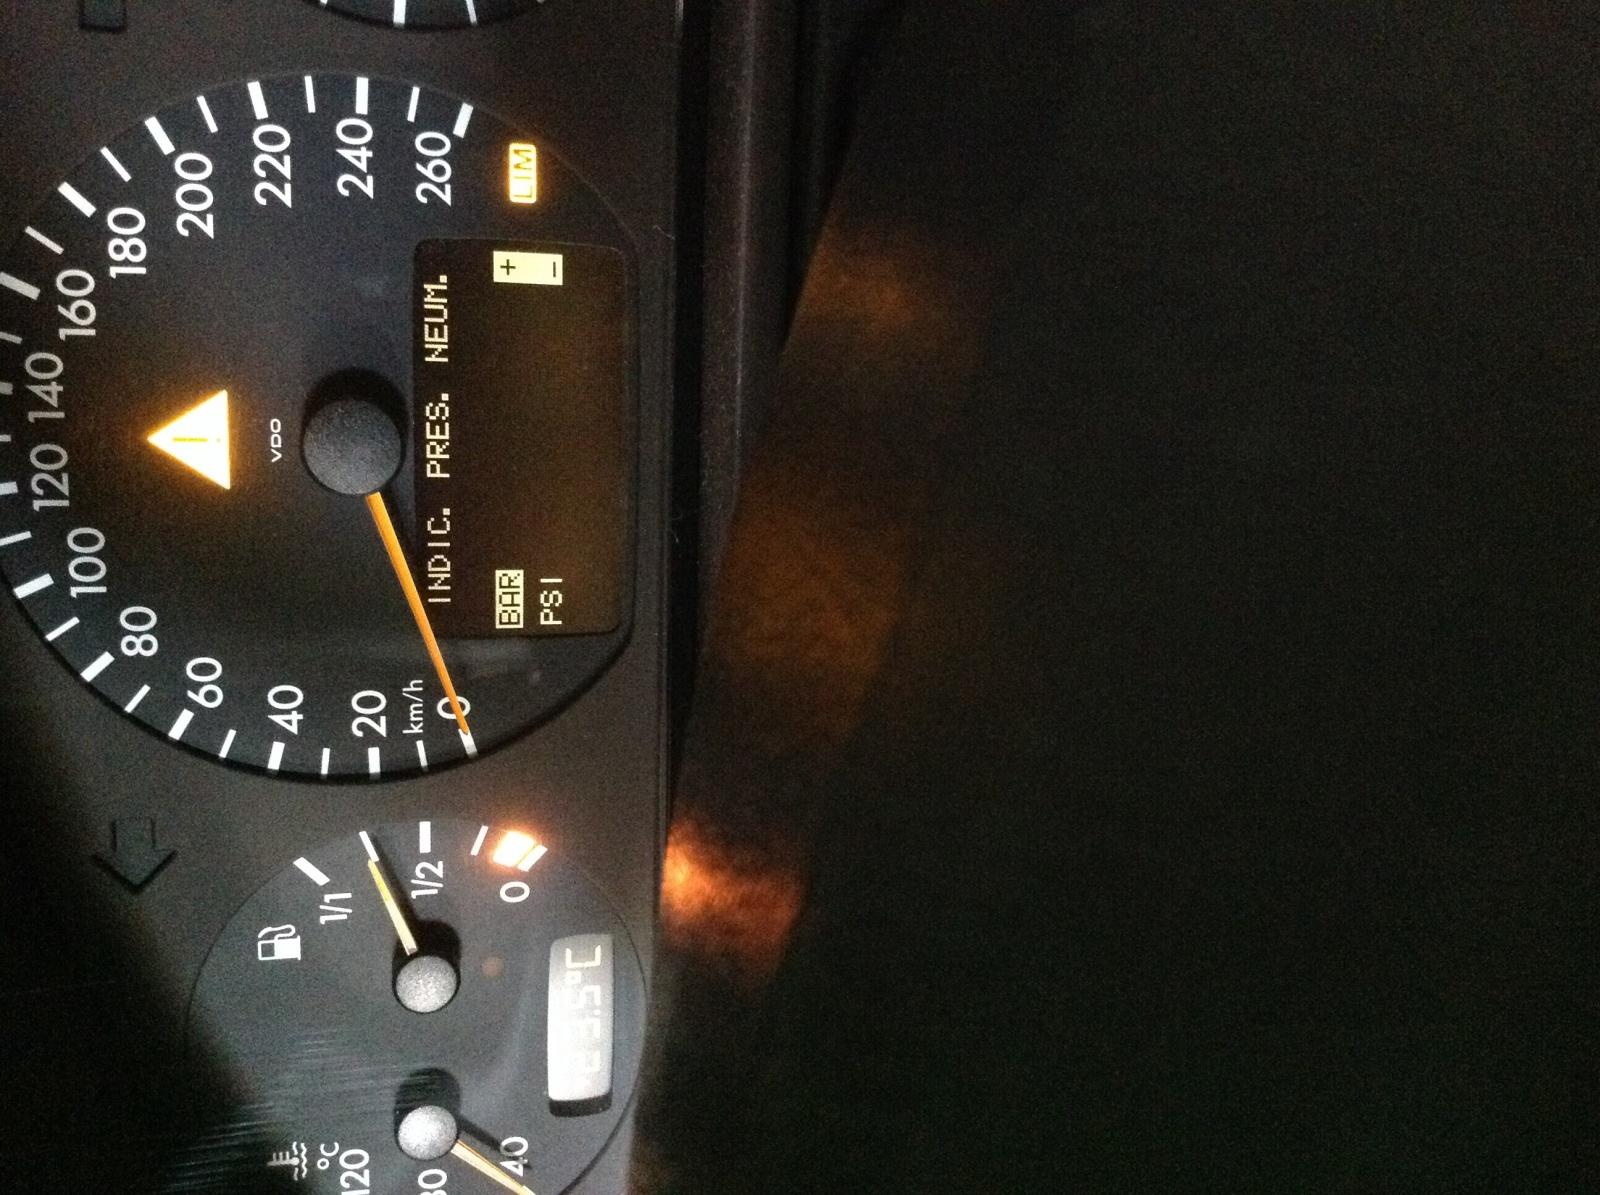 Controle de pressão ds pneus [+funciona?] 2aij4fb